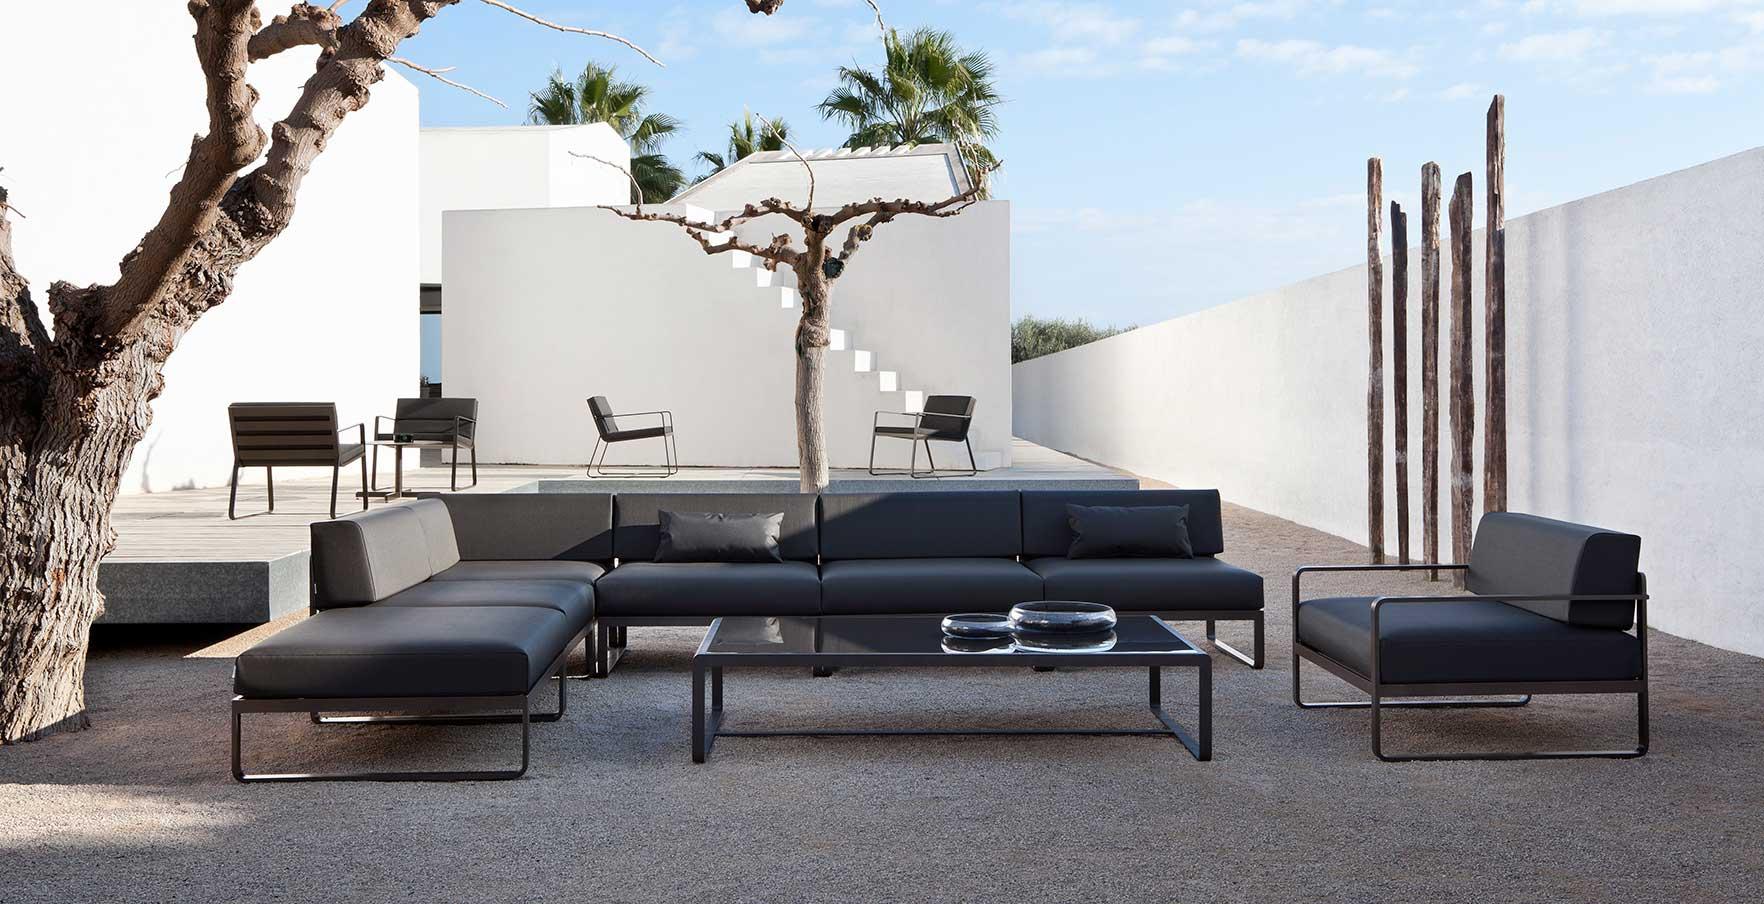 Outdoor Möbel modern Bivaq